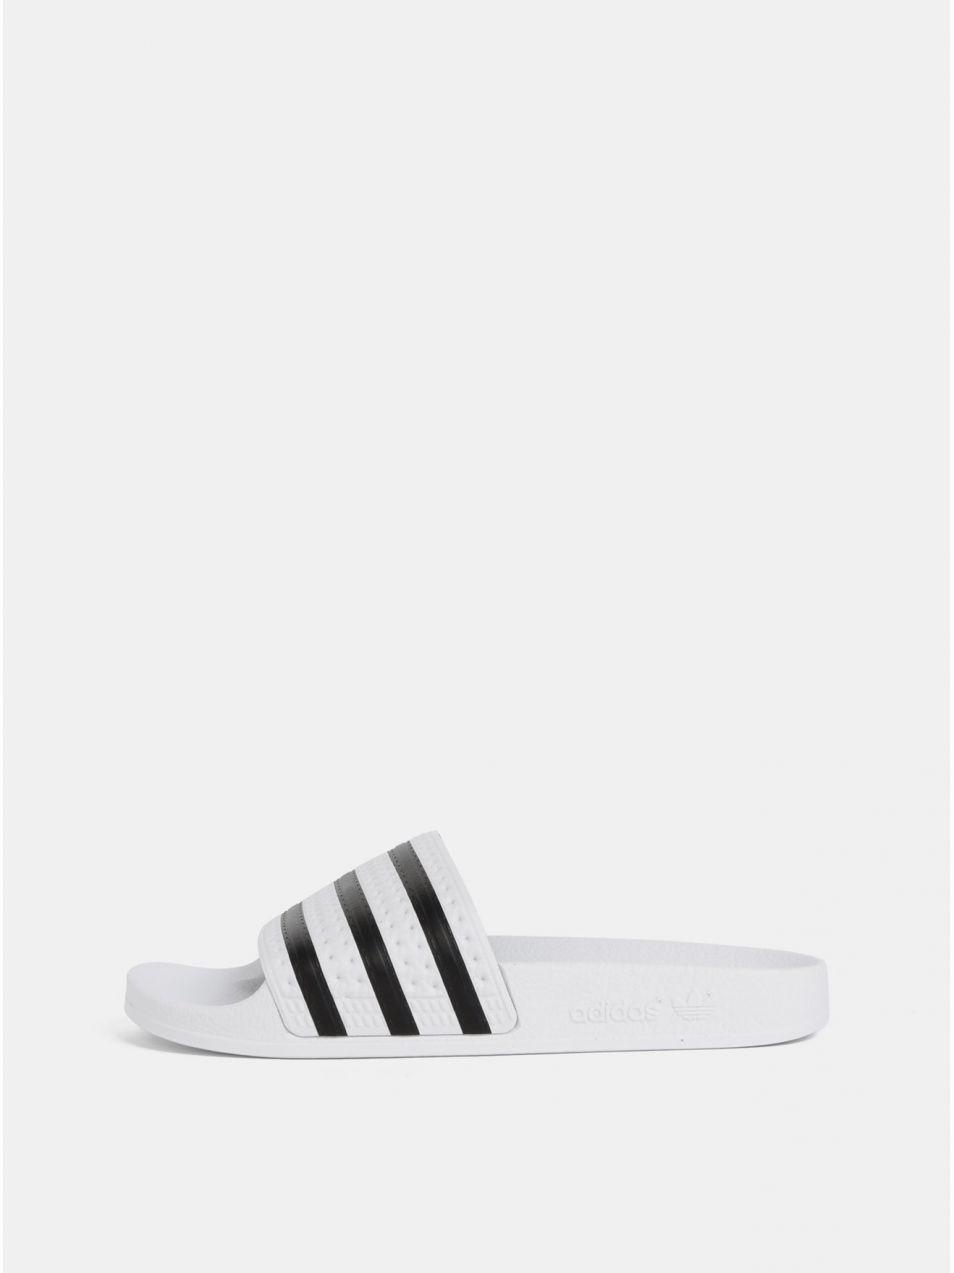 c13a75fddb Biele šľapky adidas Originals Adilette značky adidas Originals ...